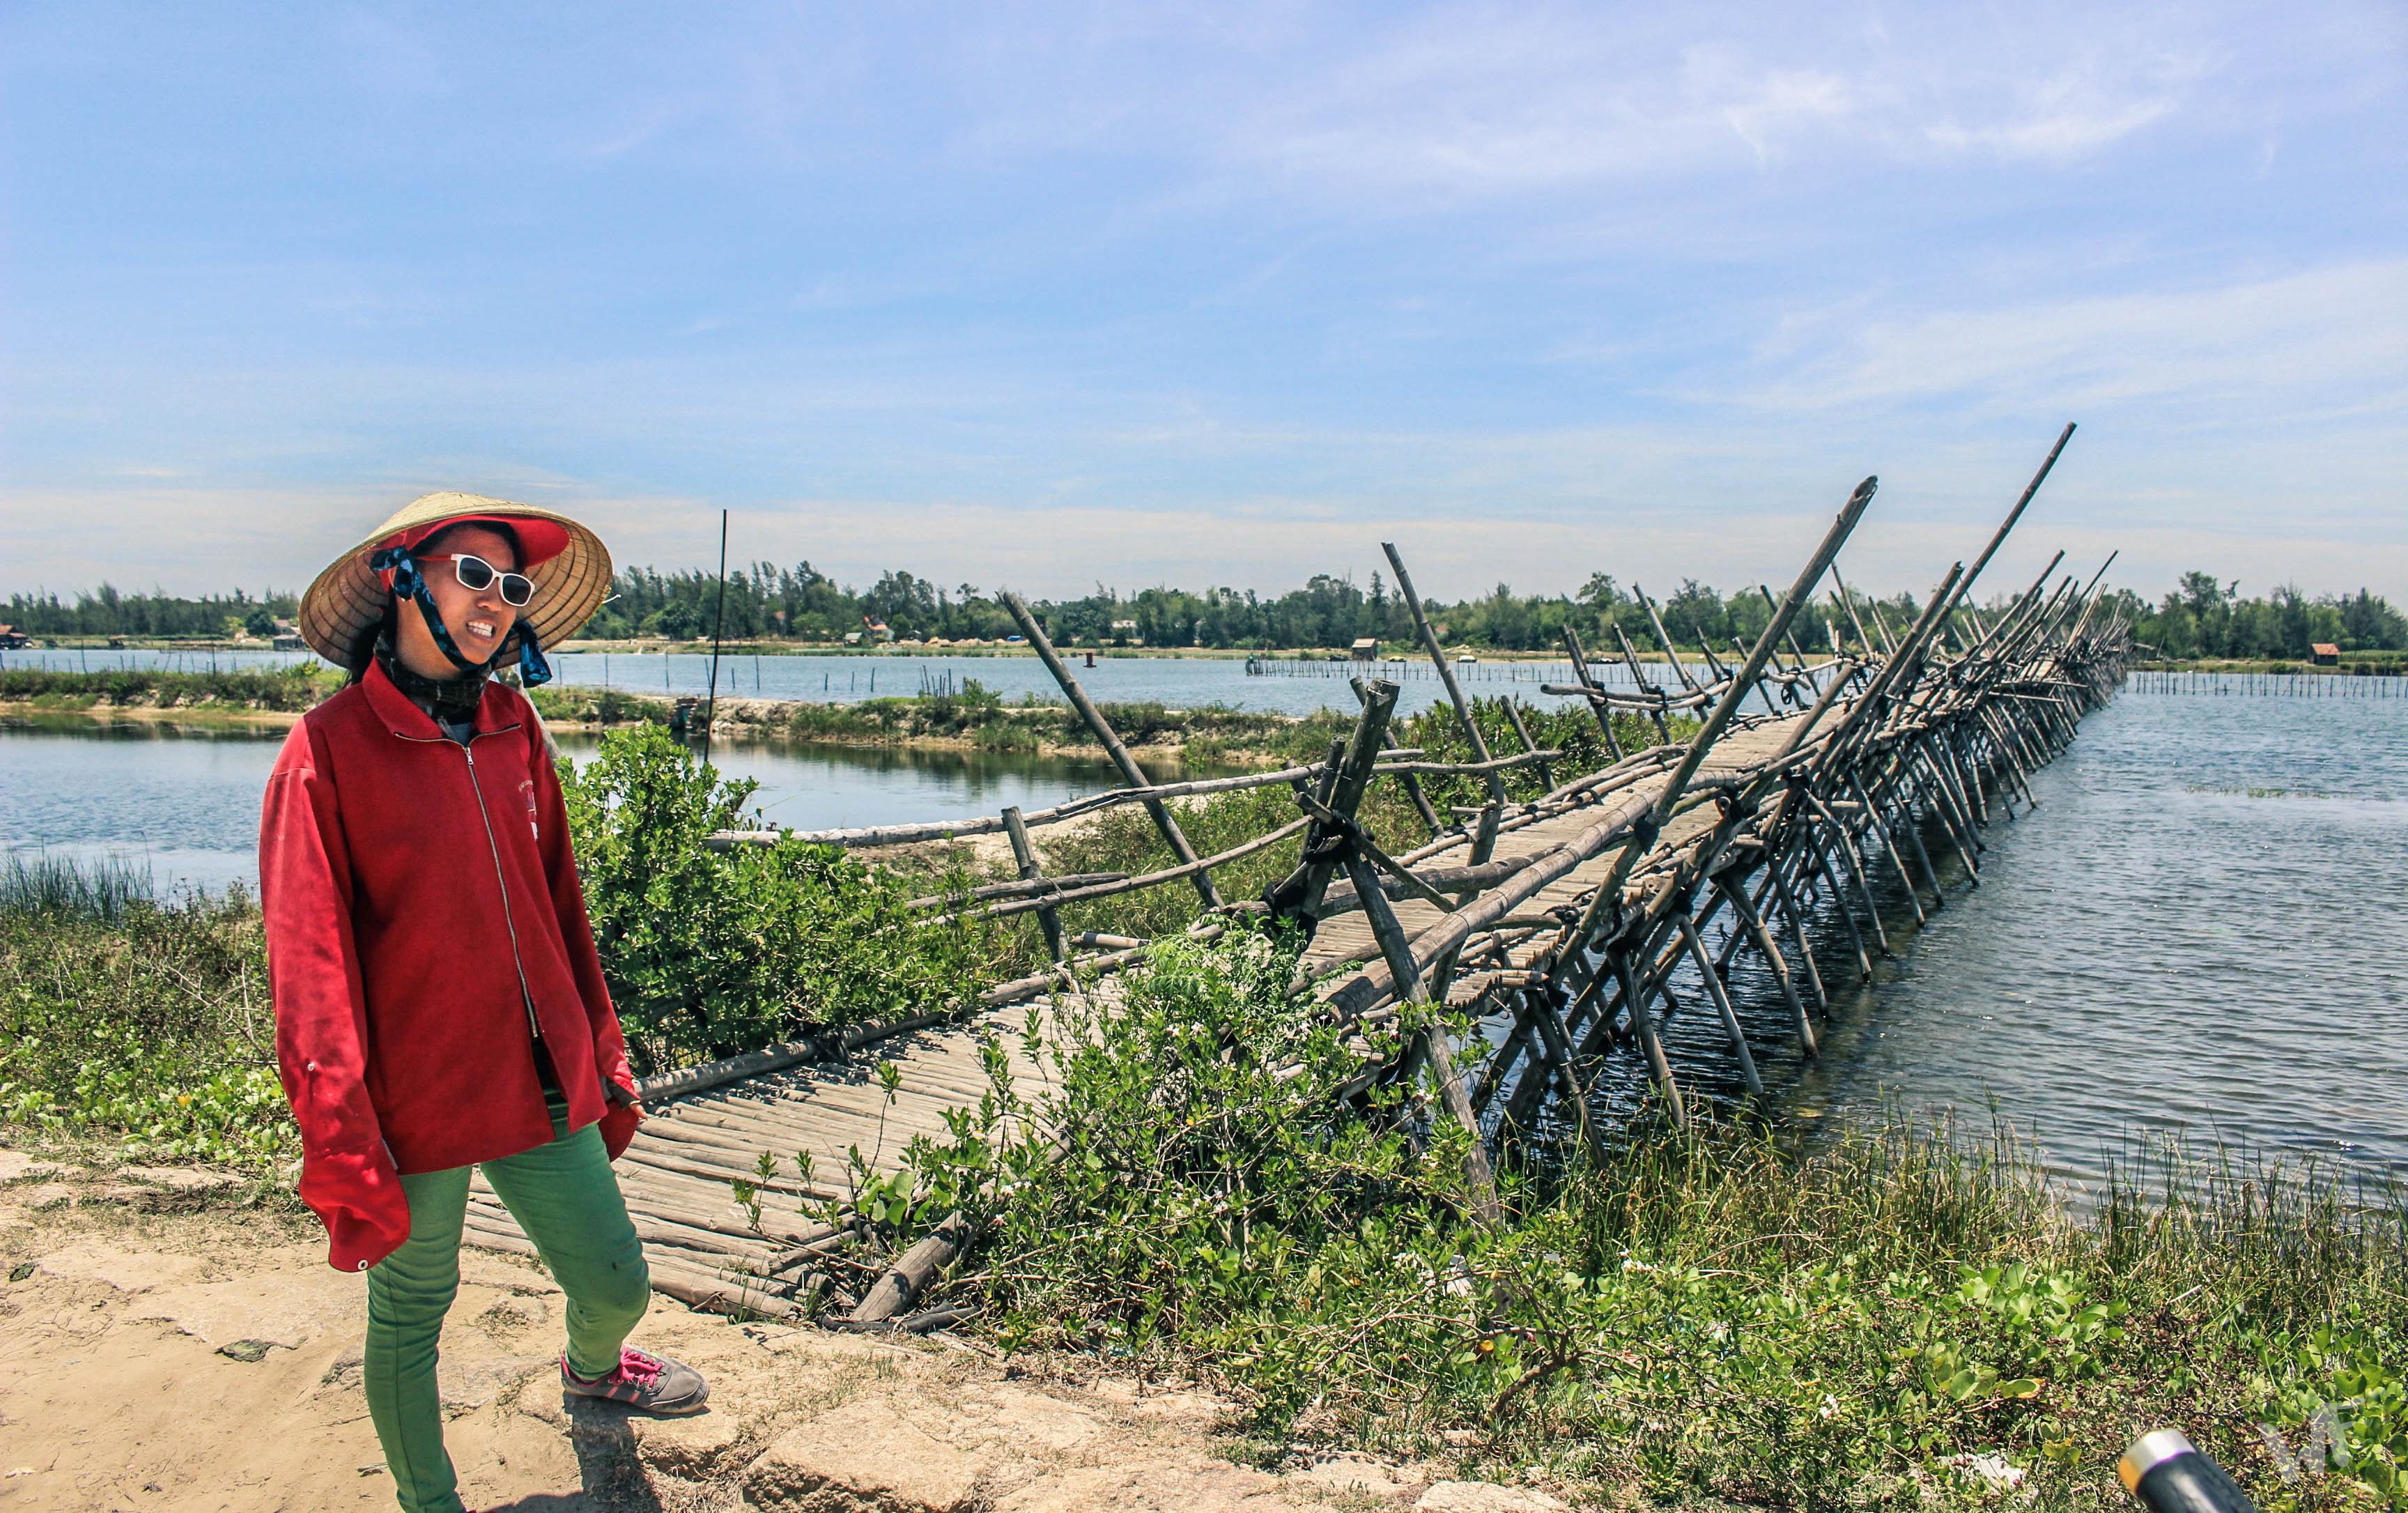 Cycling through Vibrant Vietnam